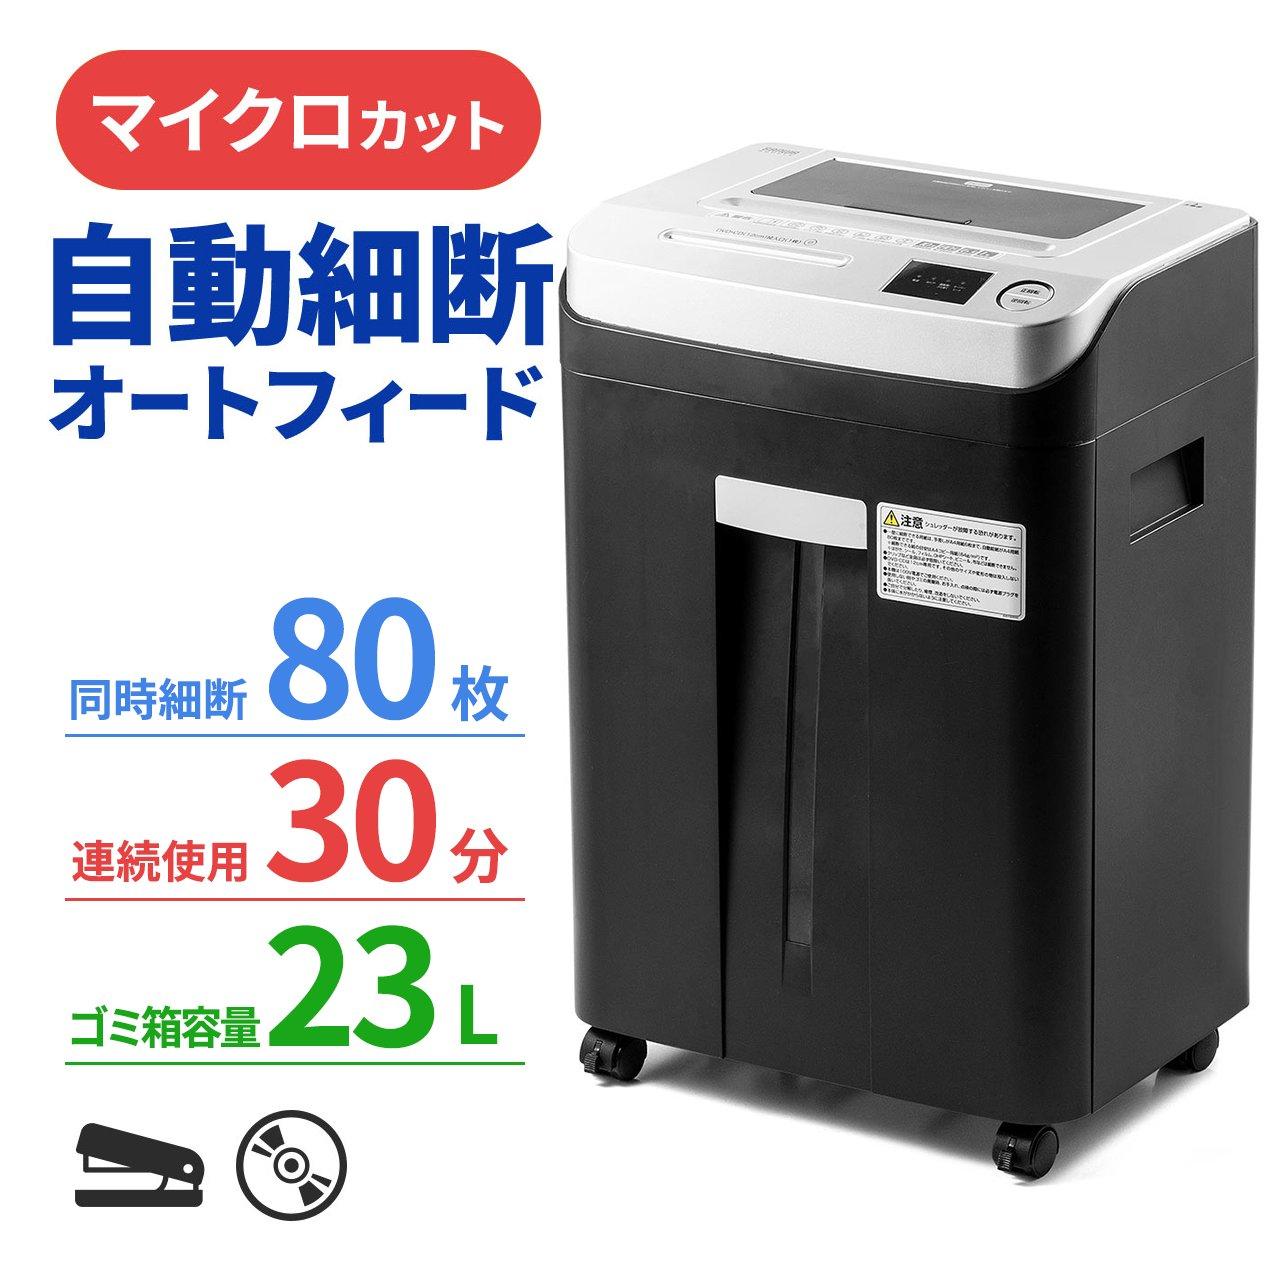 オートフィードシュレッダー(業務用・マイクロカット・2×12mm・自動給 ...